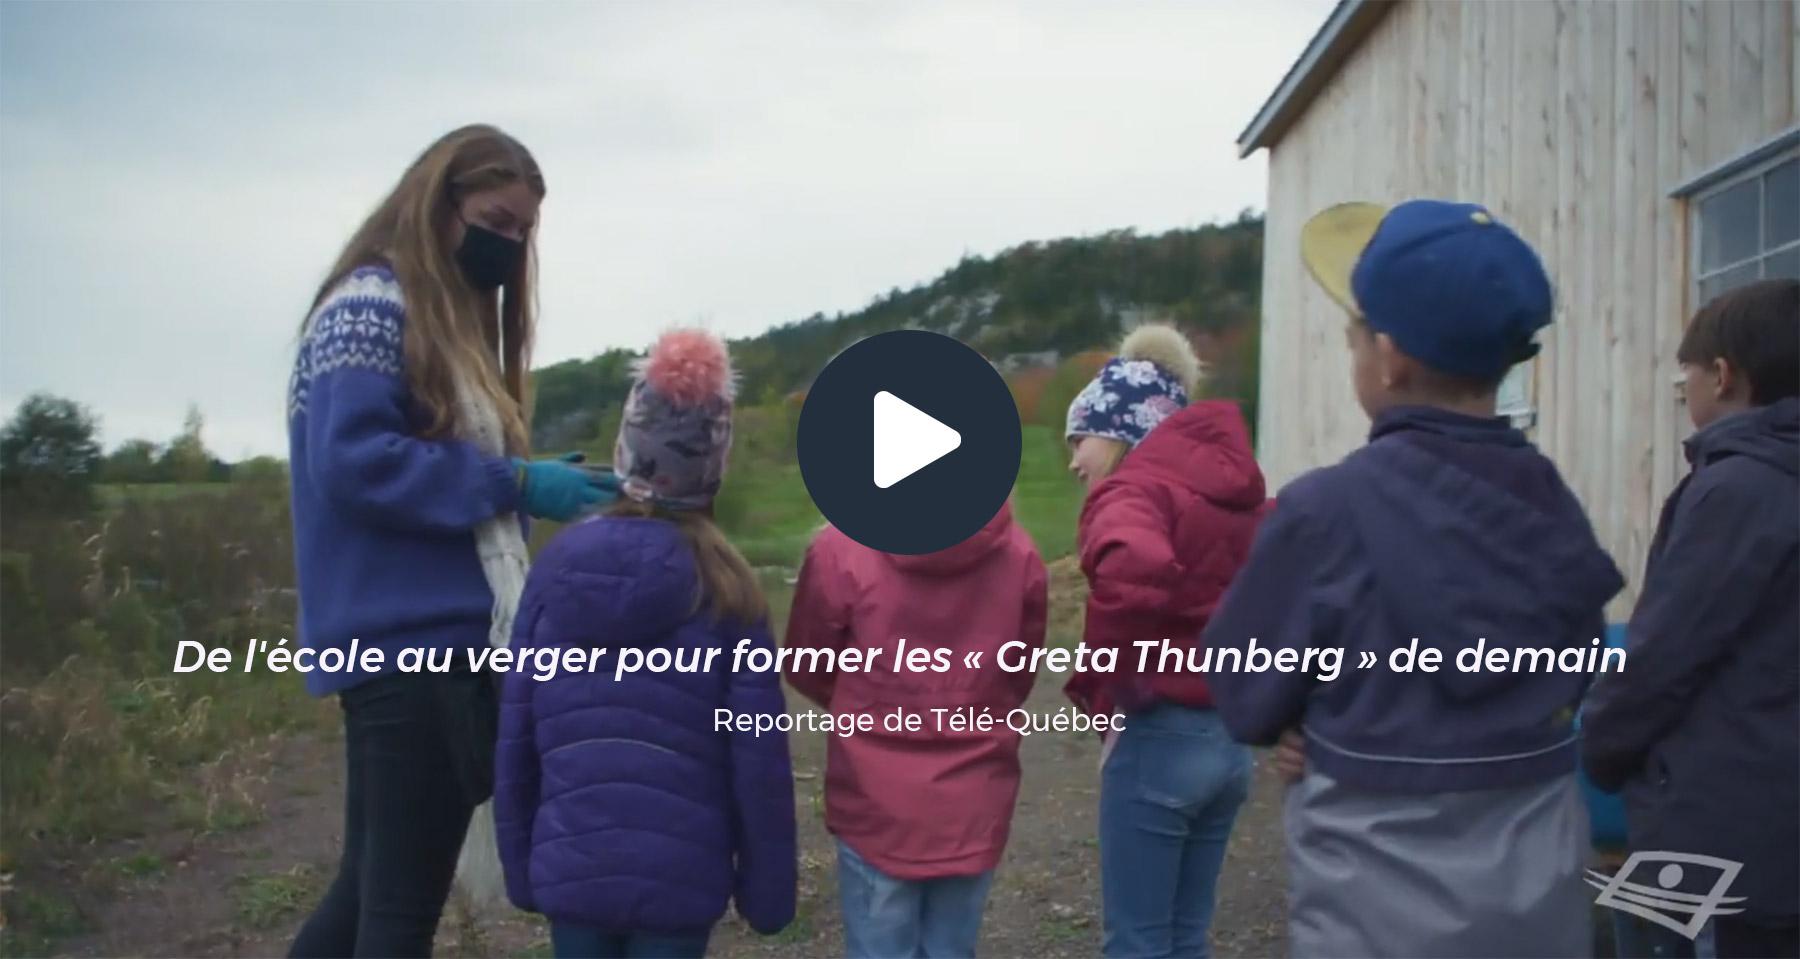 Reportage de Télé-Québec